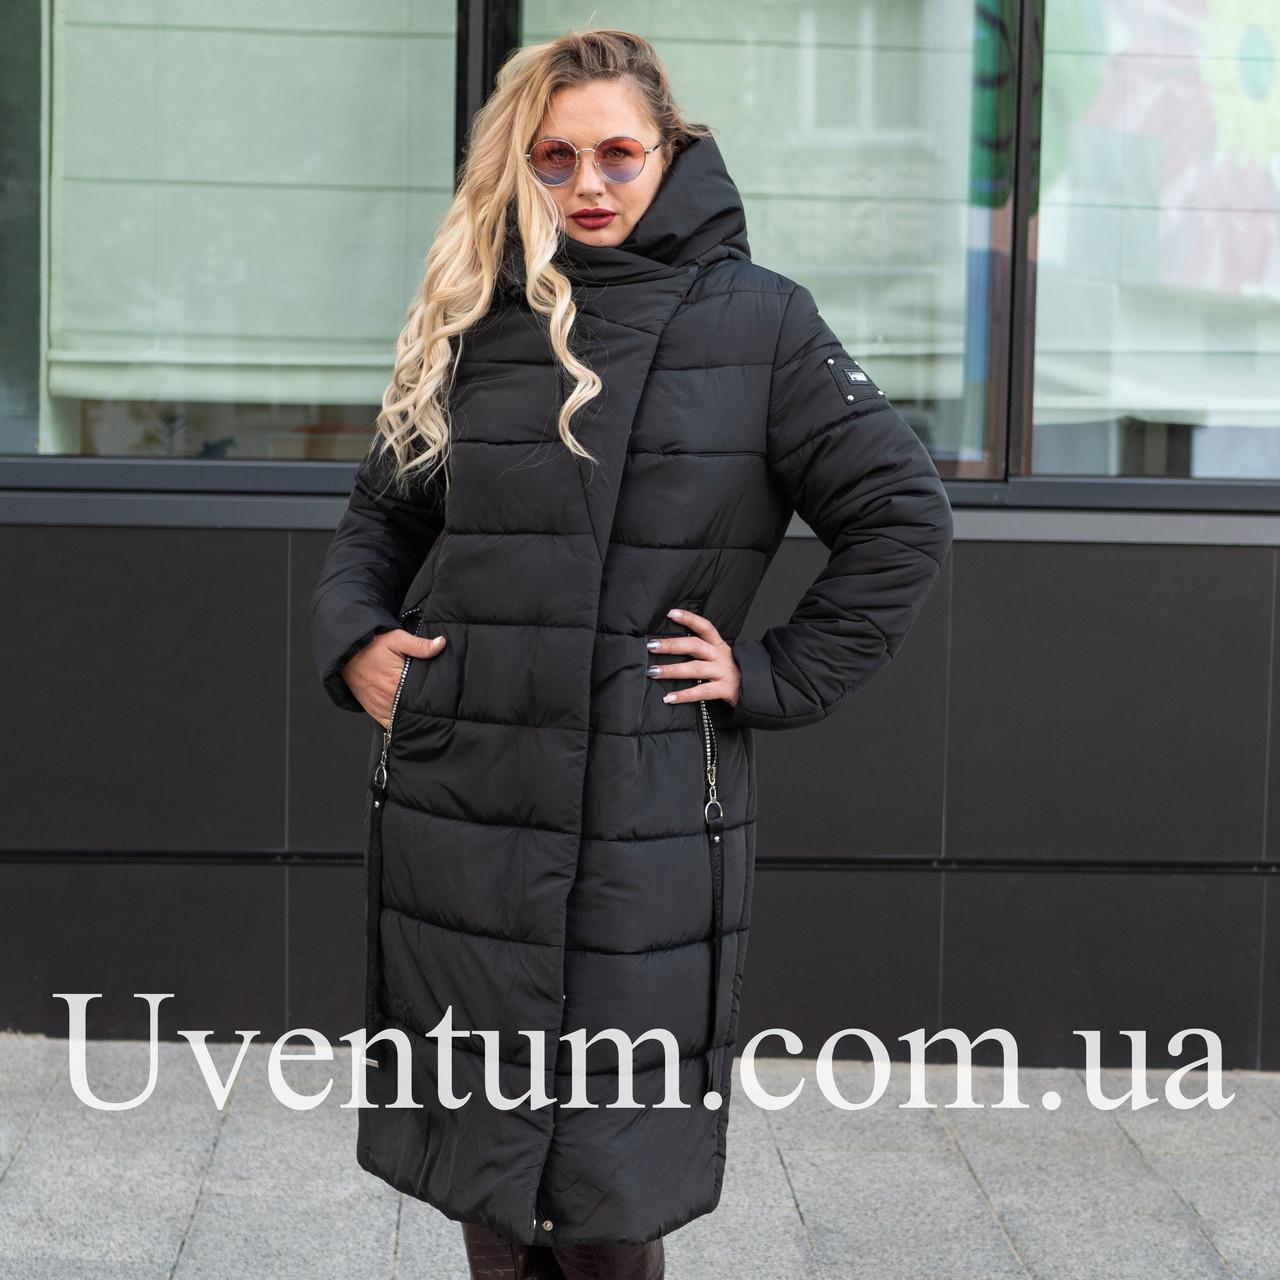 Женские куртки зима  больших размеров  56 черный